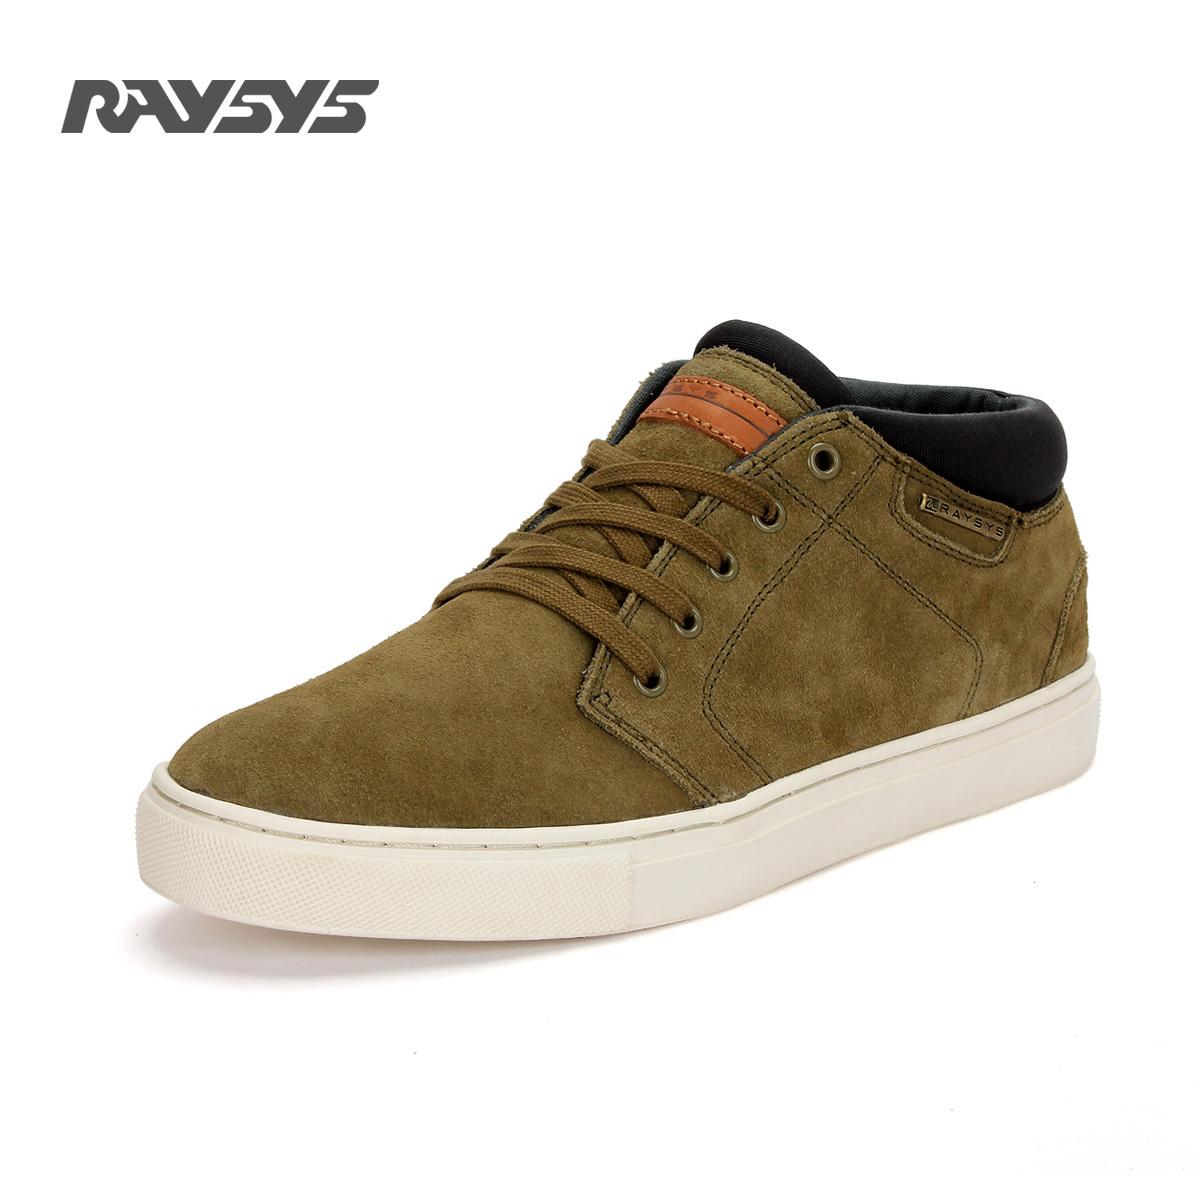 Демисезонные ботинки Raysys 18075 Обувь на тонкой подошве ( для скейтборда ) Для отдыха Двухслойная натуральная кожа Круглый носок Шнурок Зима